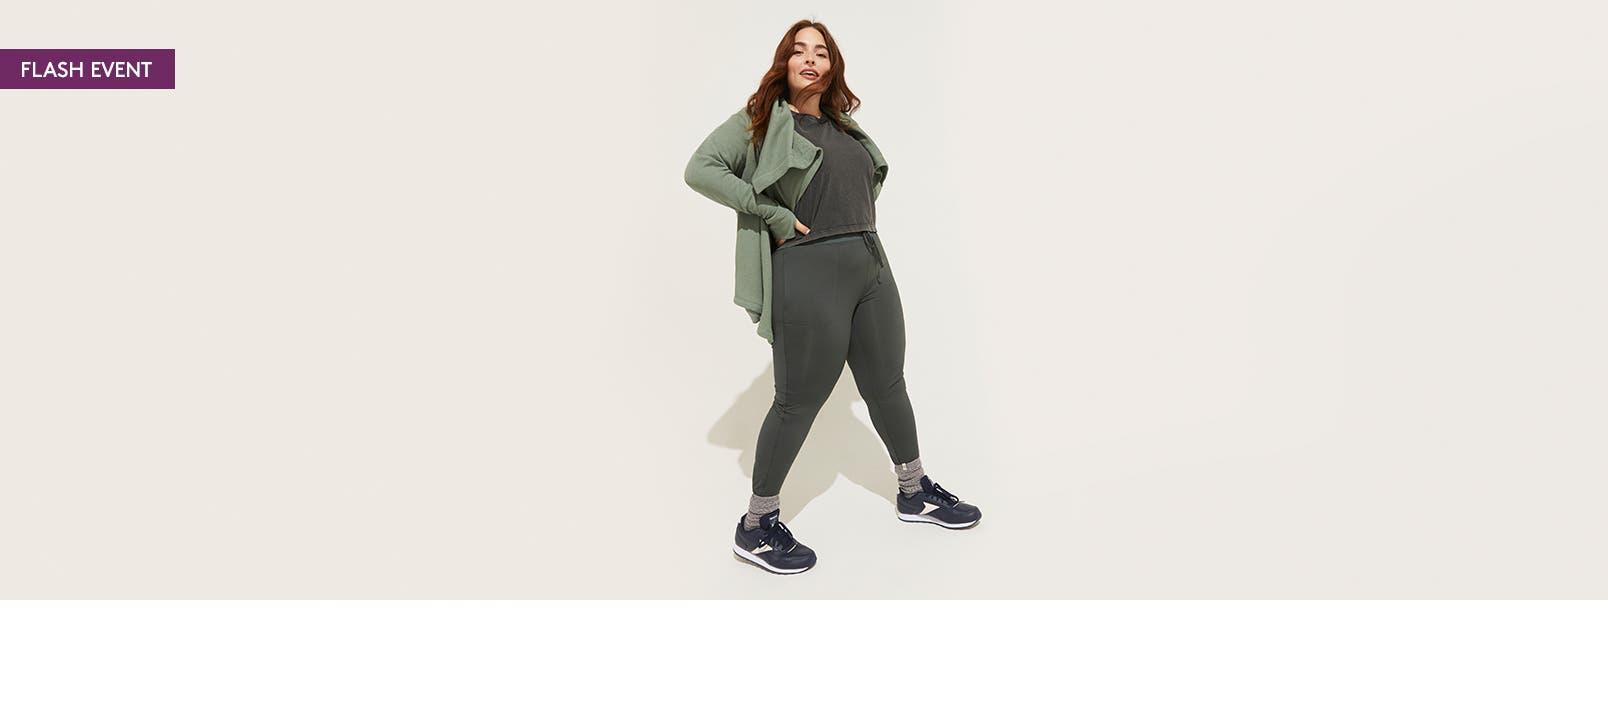 Woman wearing green athletic wear.